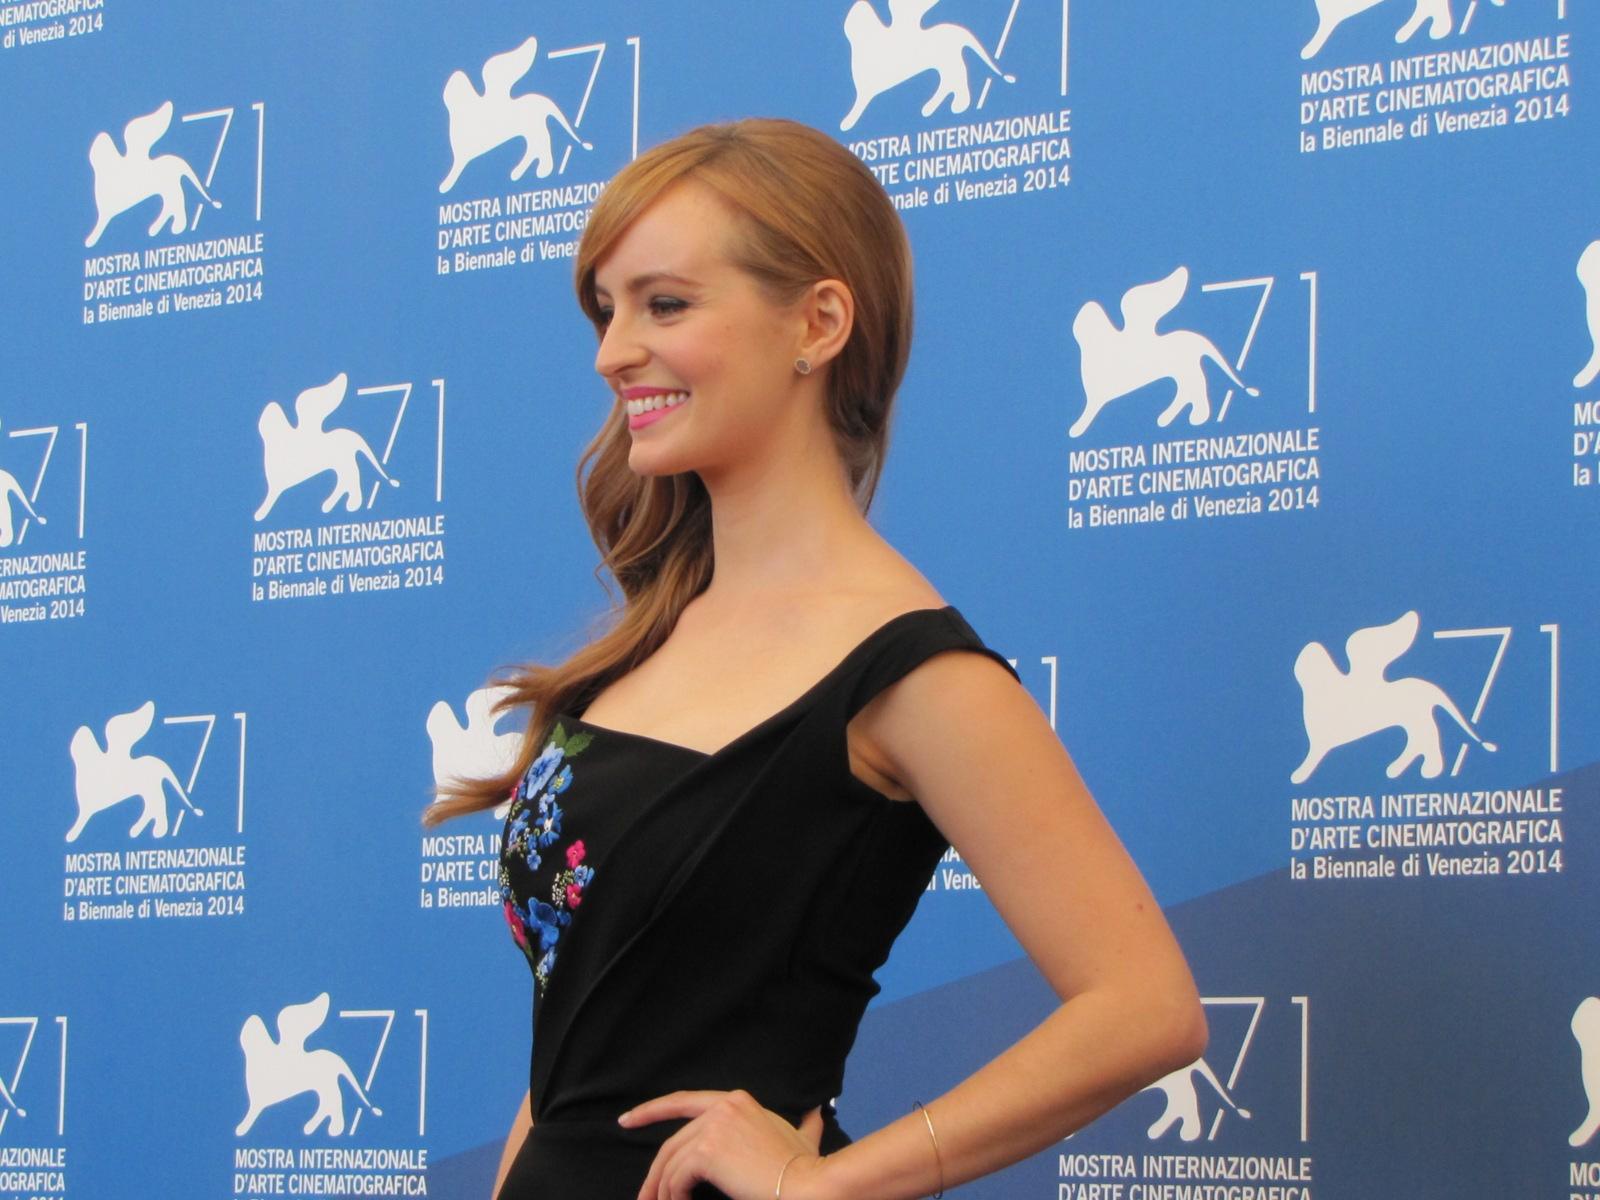 l'attrice Ahna O'Reilly presenta L'urlo e il furore a Venezia 2014